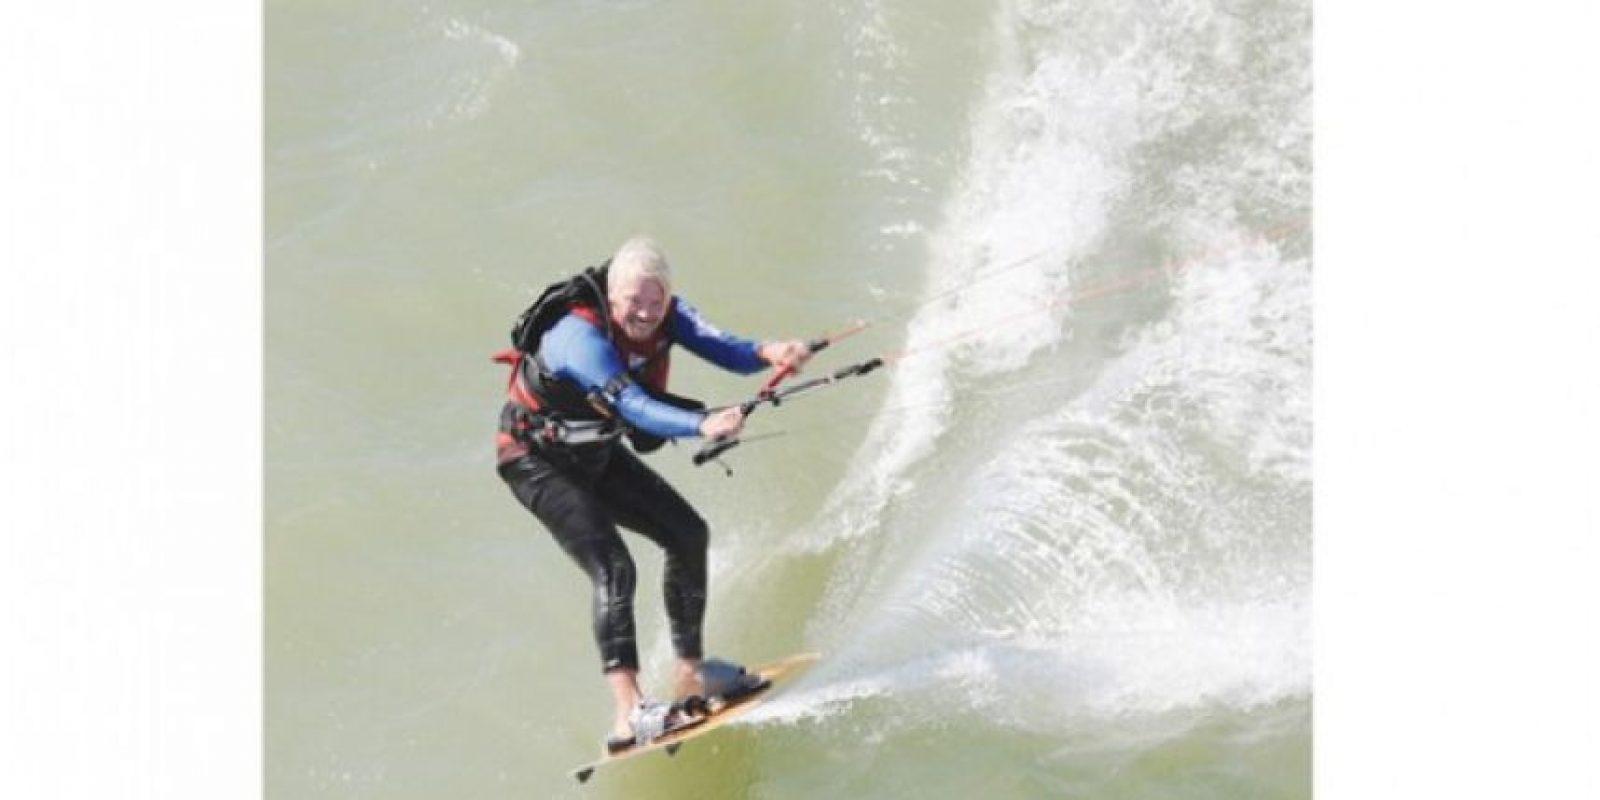 Ski Acuático. Campeón a nivel mundial. Sir Richard se convirtió en la persona con más edad en surfear el canal inglés. Publinews